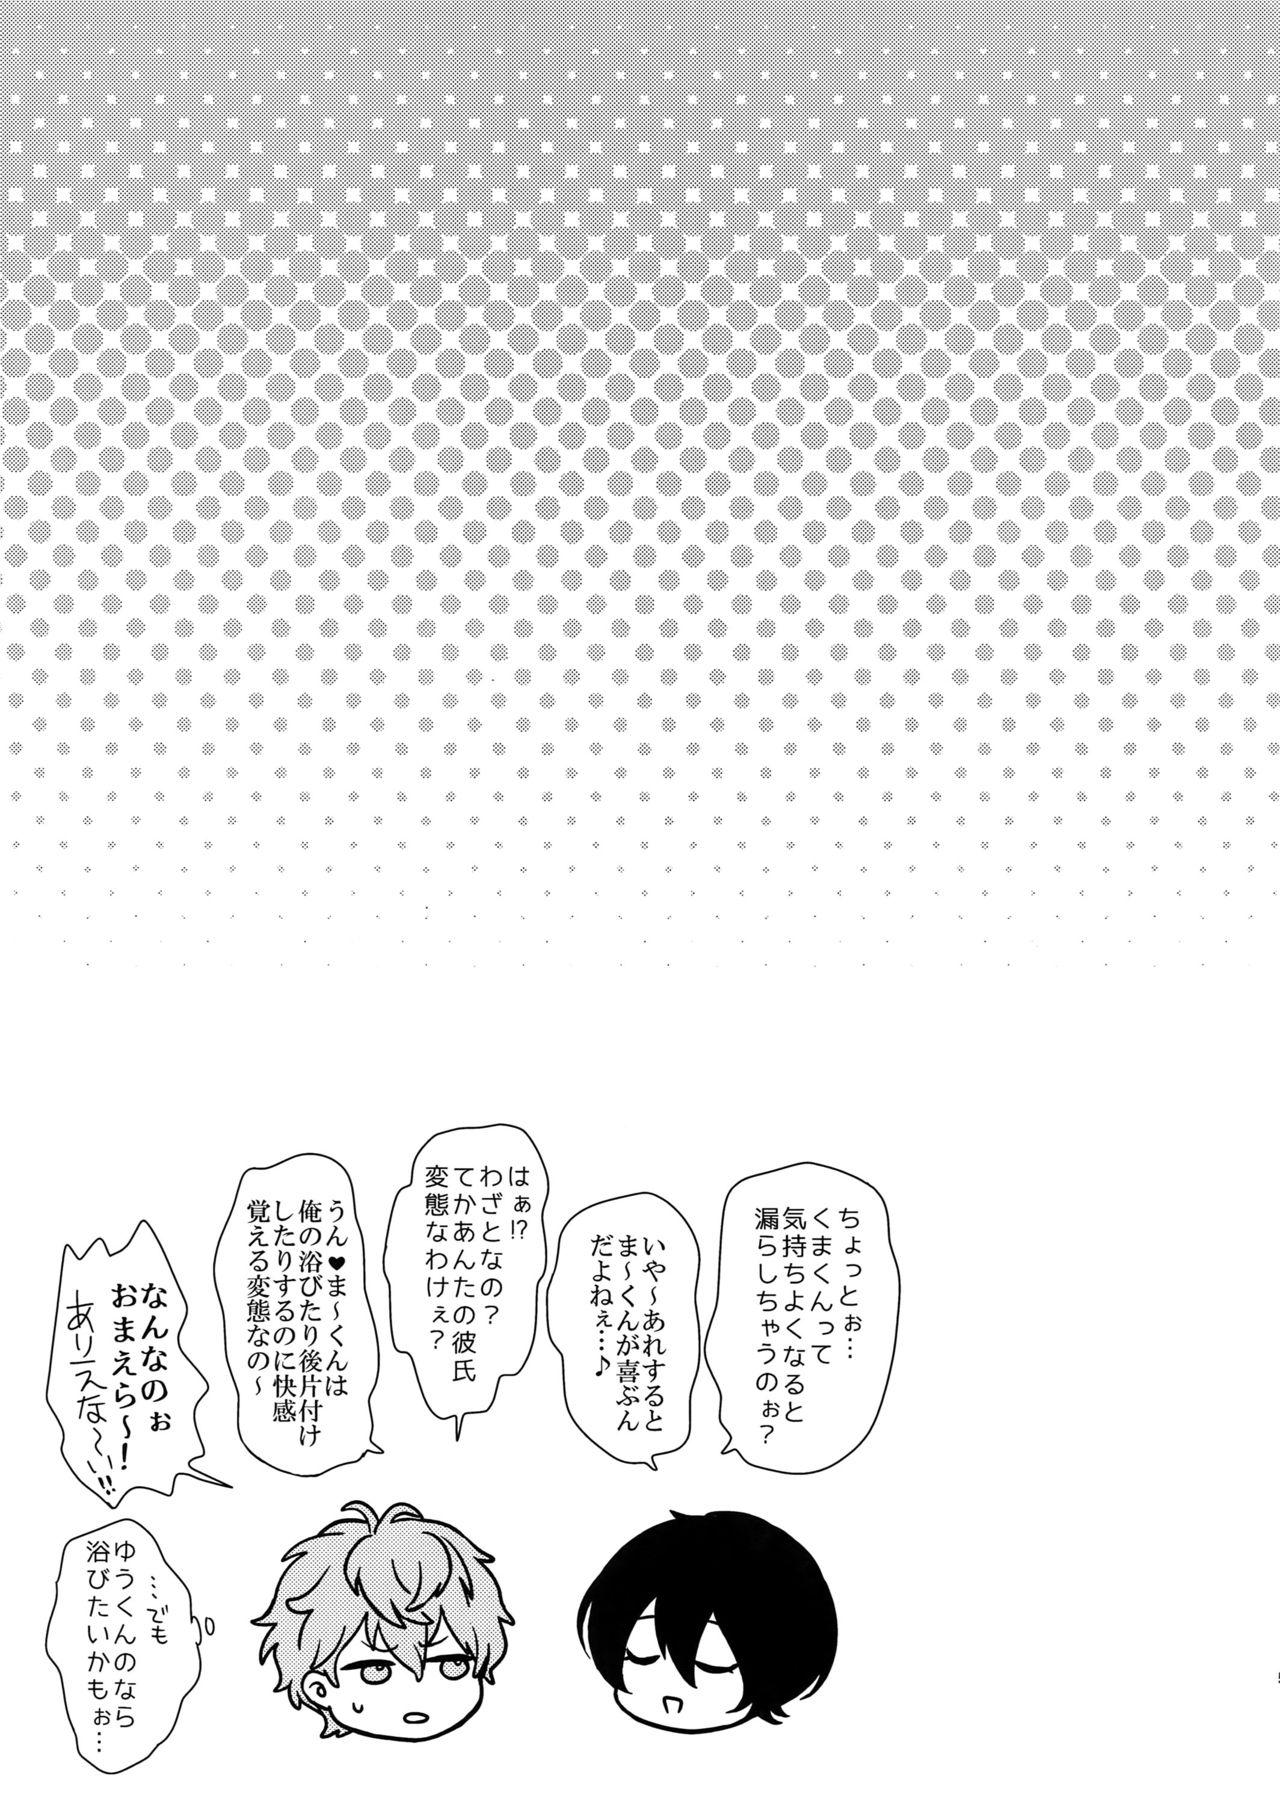 Senaizu to Totemo Yuka ina Naka Matachi 53